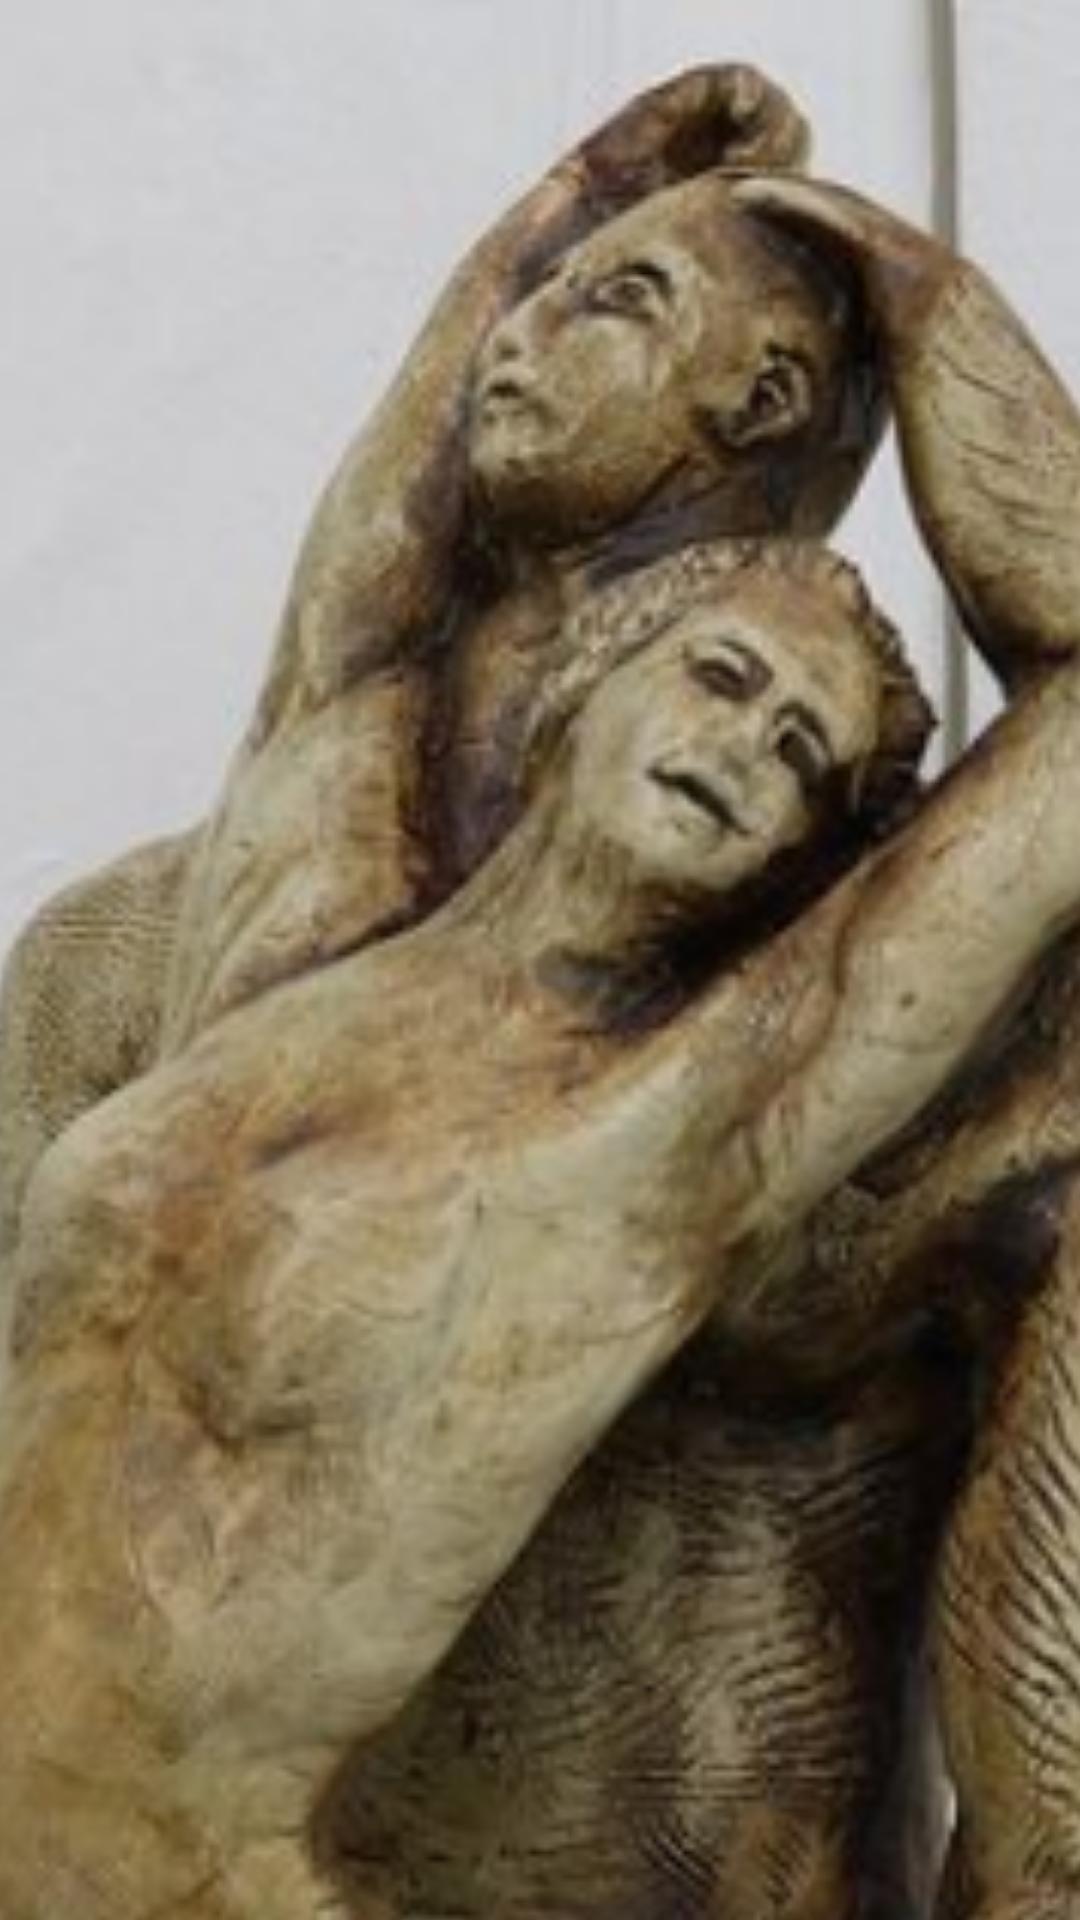 אירועים מיוחדים- רזדנסי קרמיקה/שהות אמן